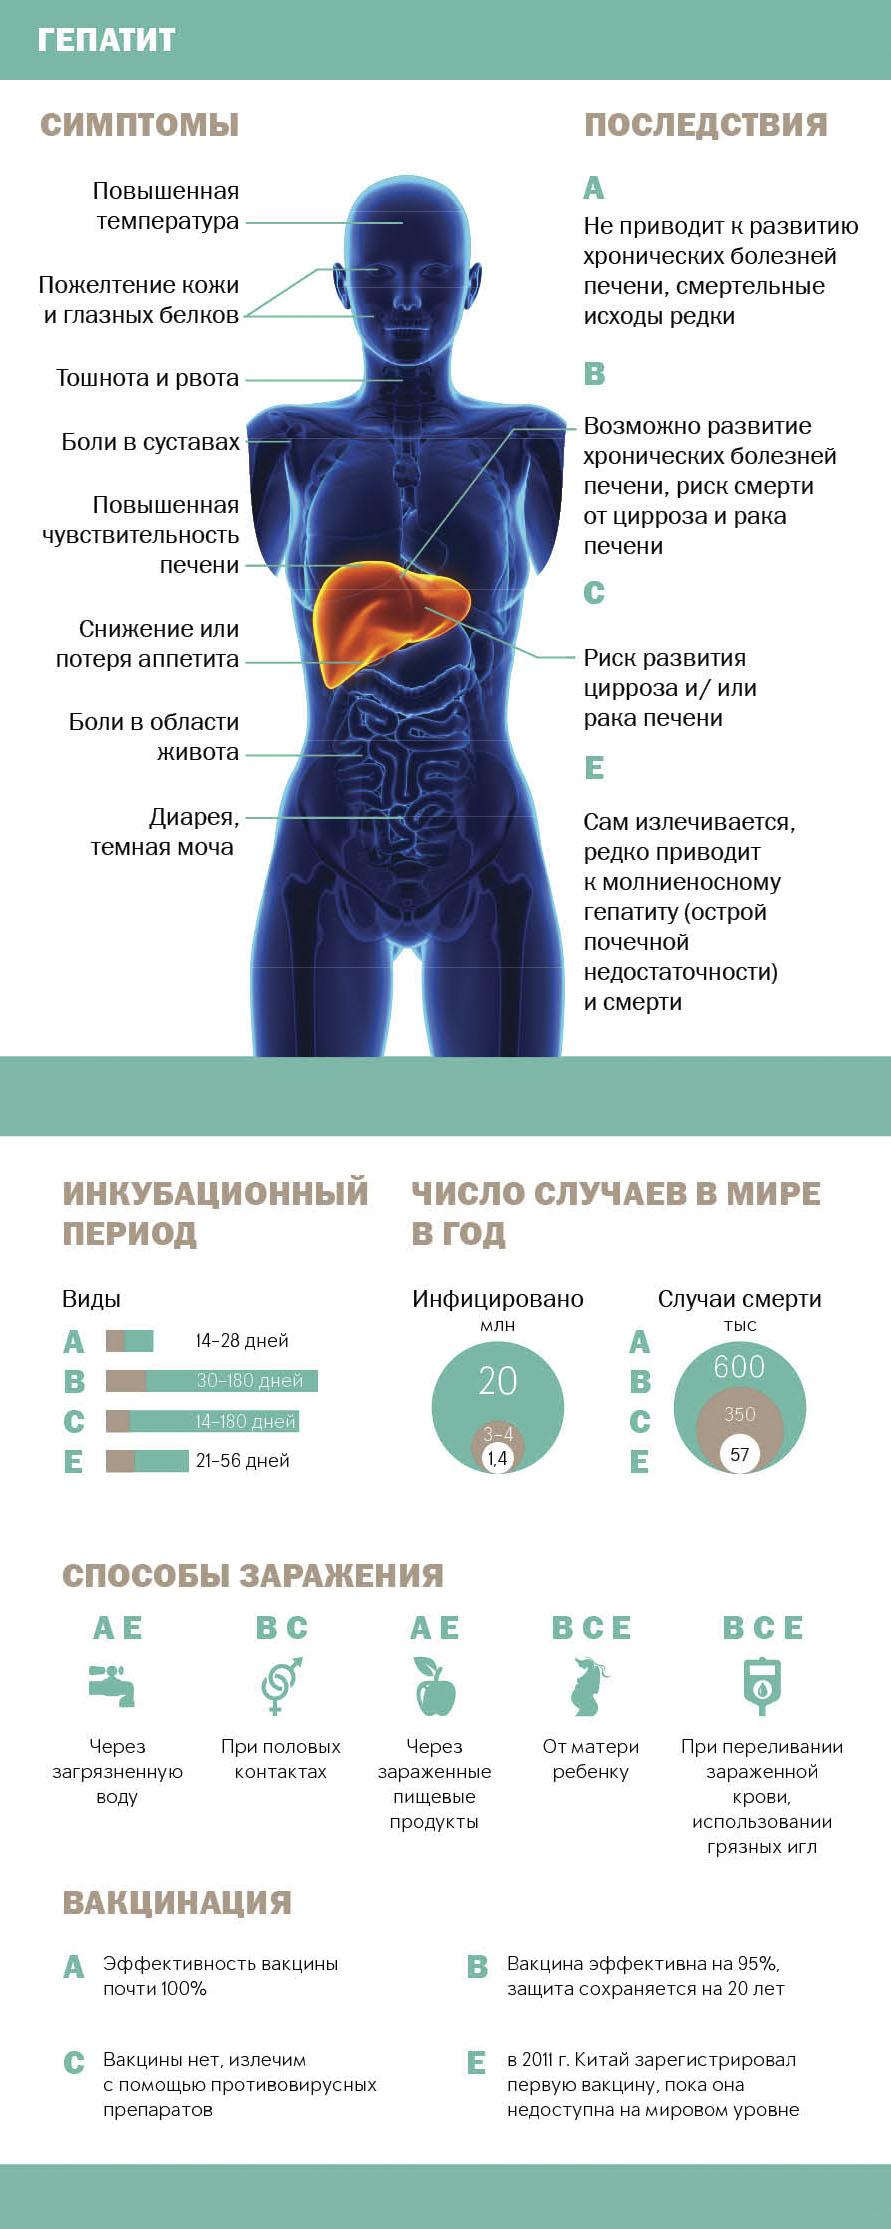 Признаки и симптомы гепатита В